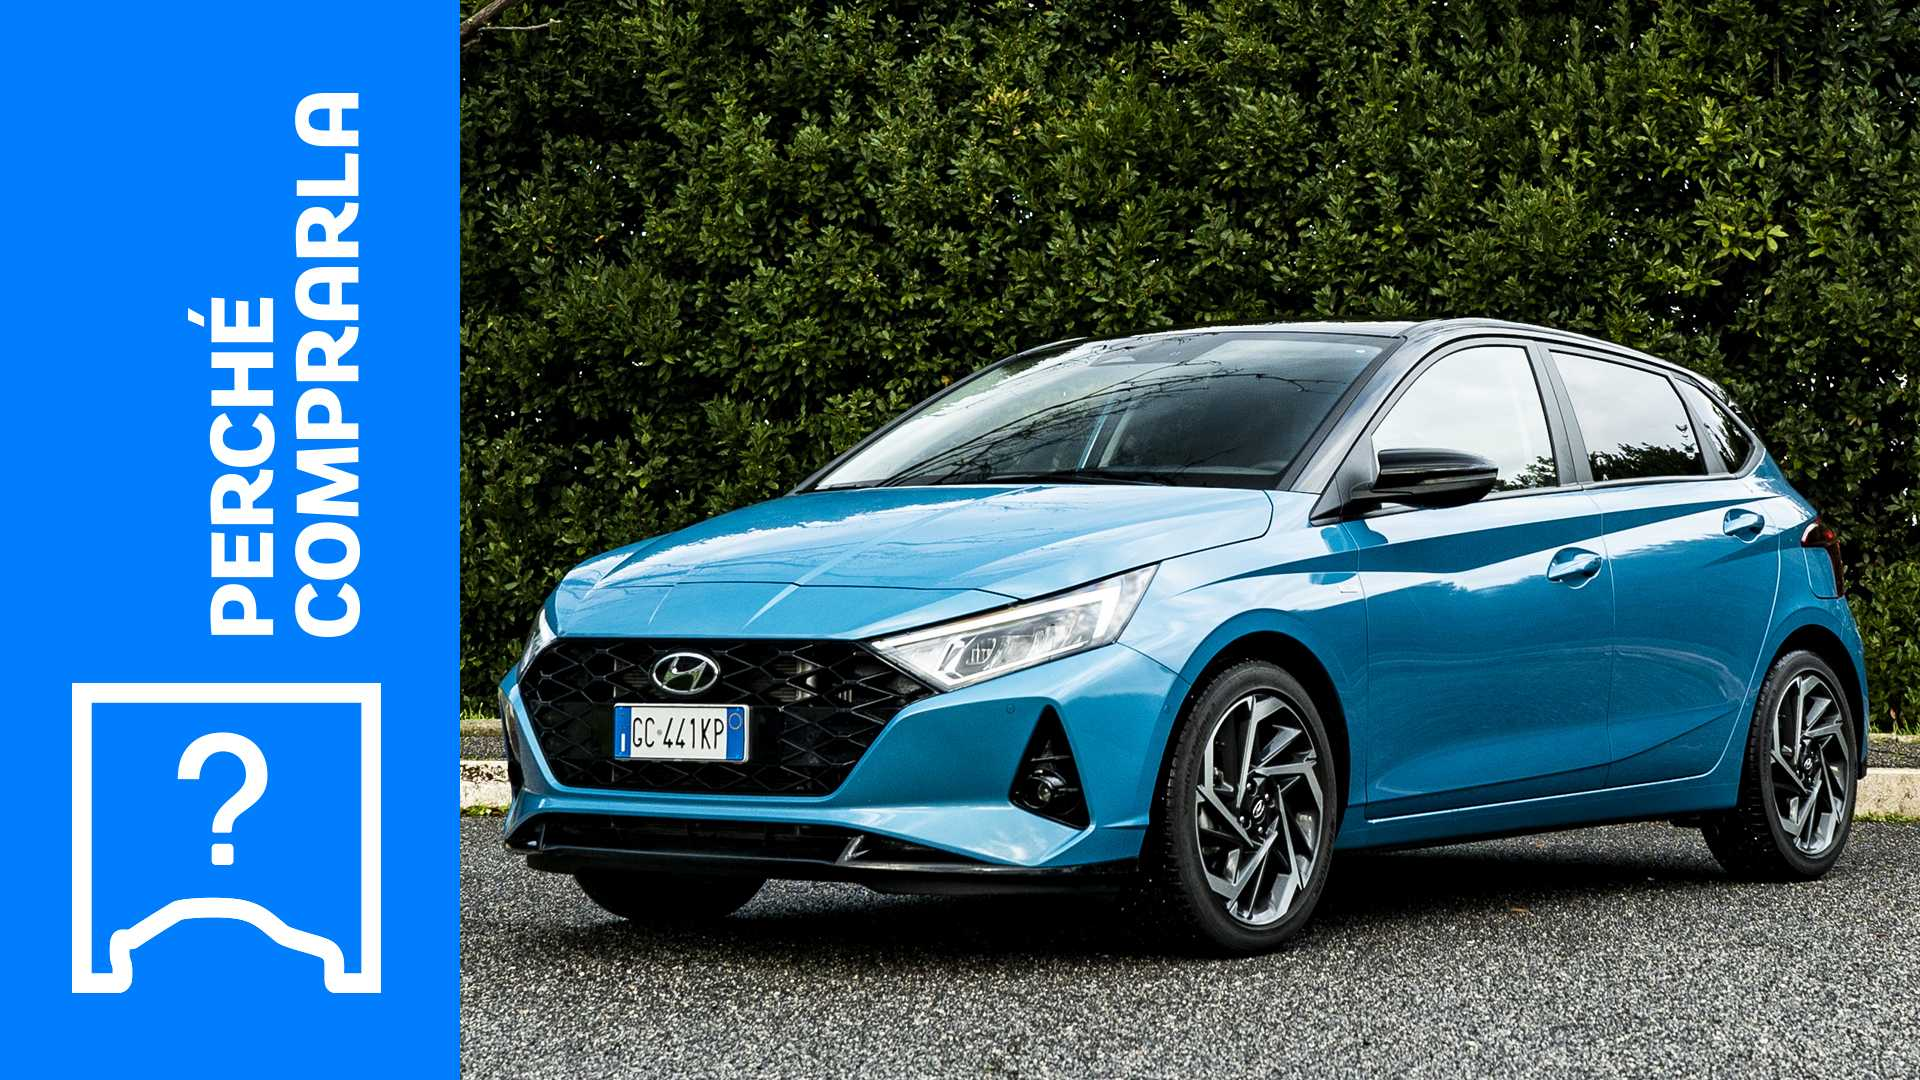 Hyundai i20, perché comprarla e perché no